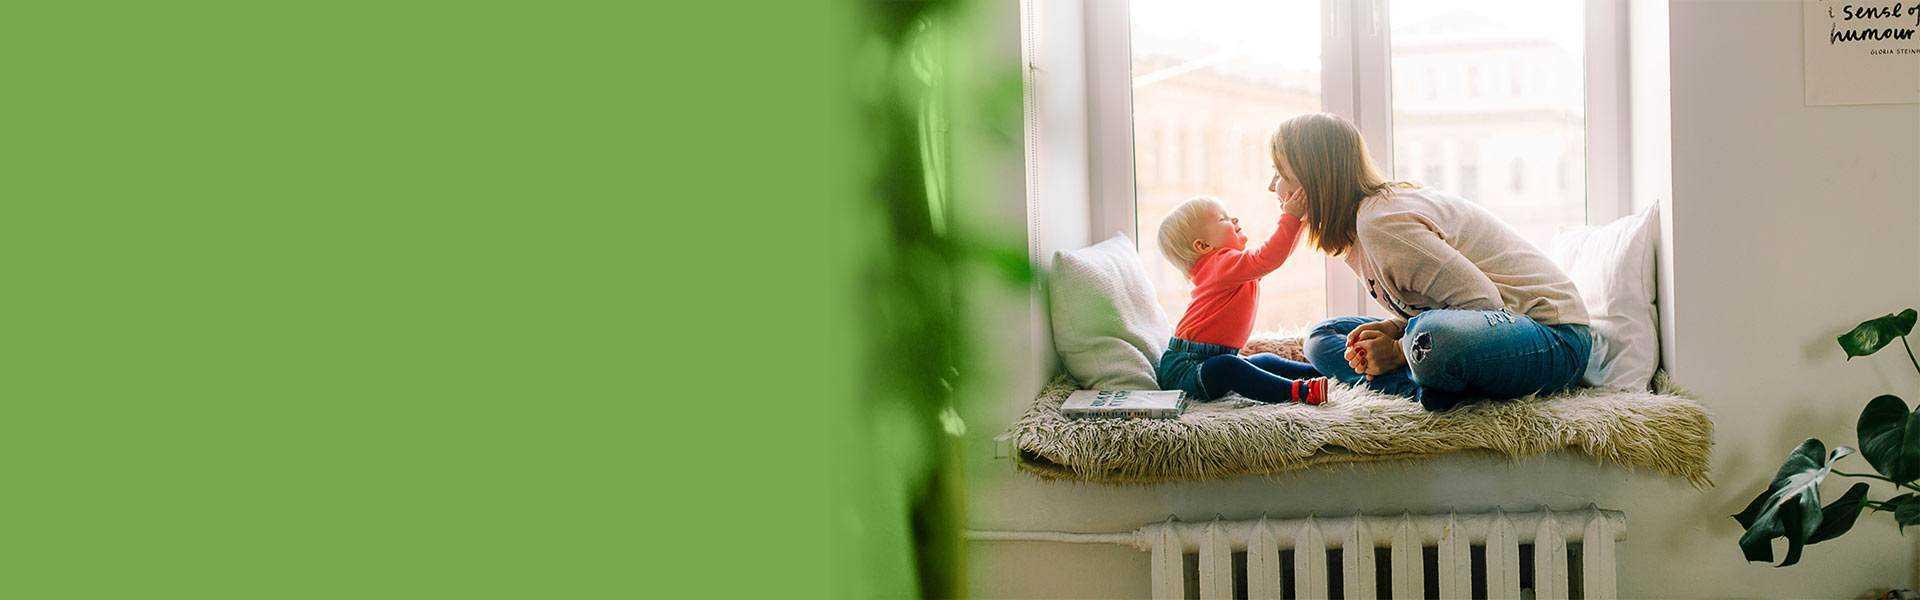 Prodotti Eco Bio per l'igiene e la cura della casa